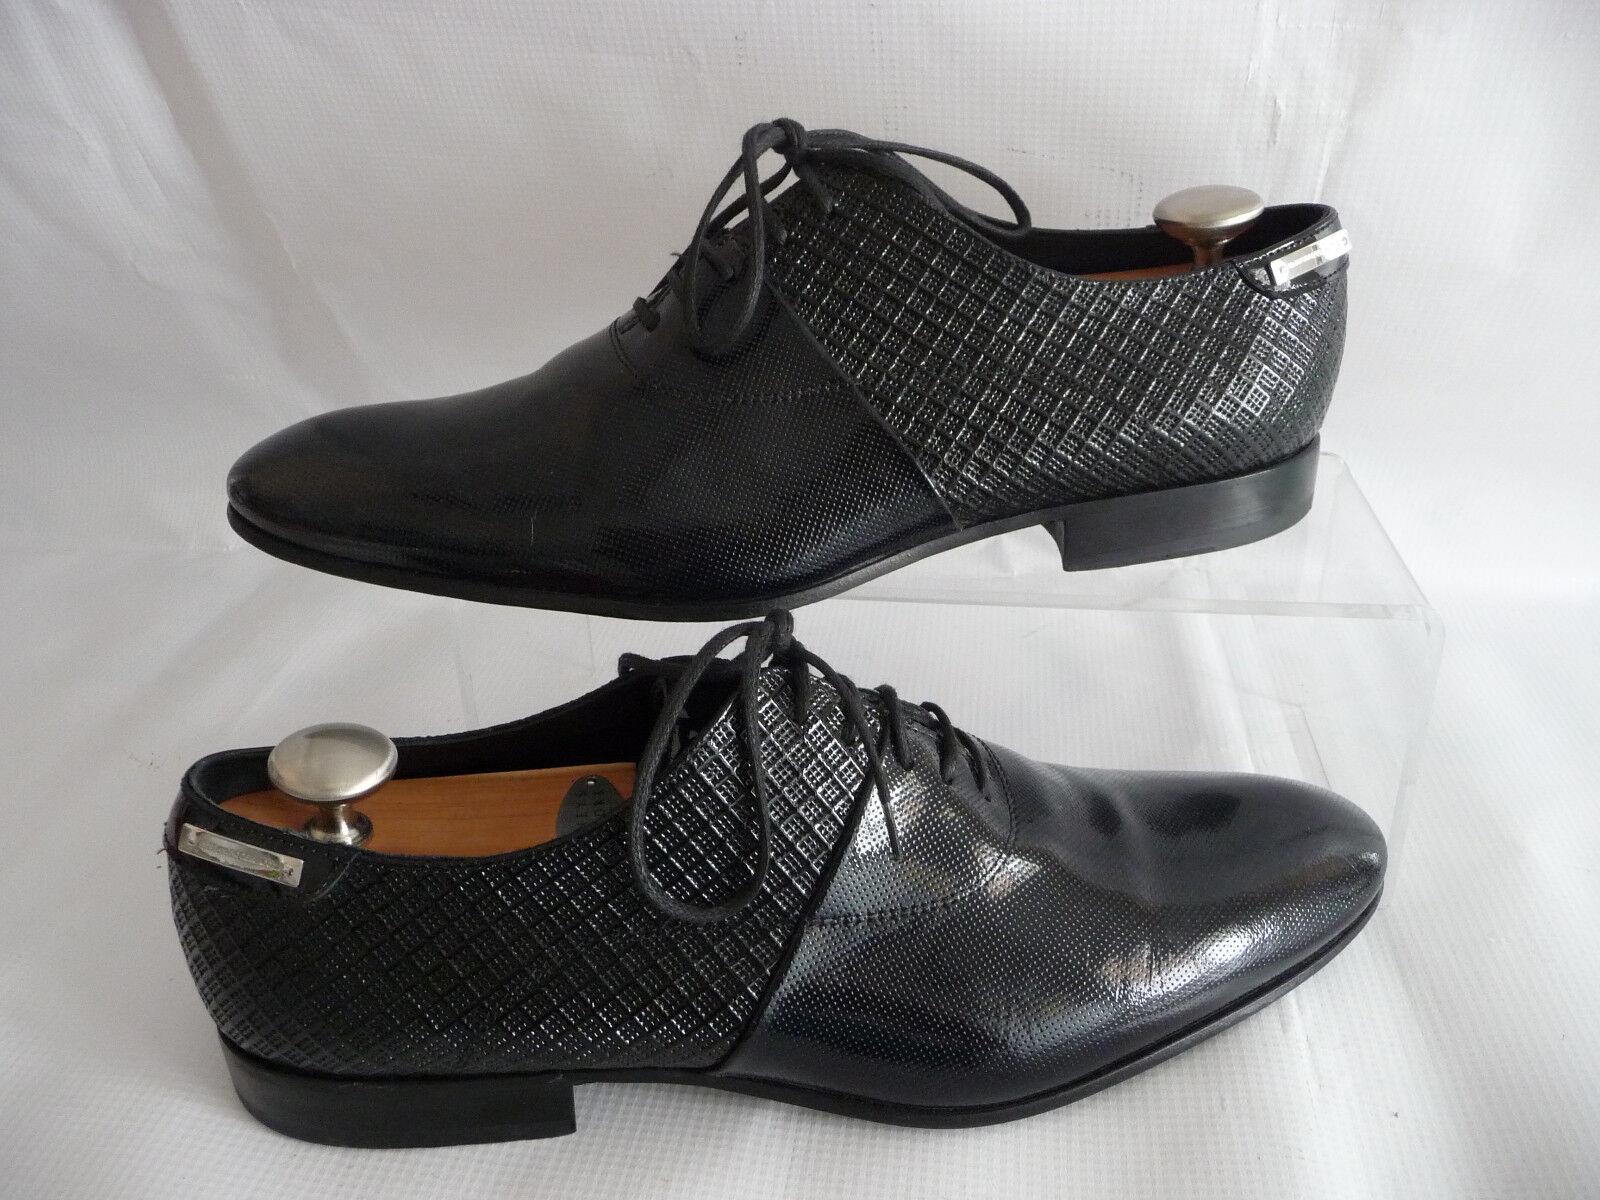 ALLESANDRO DELL ACQUA Mens 44.5 Black 11.5 Oxfords Woven Patent Leather